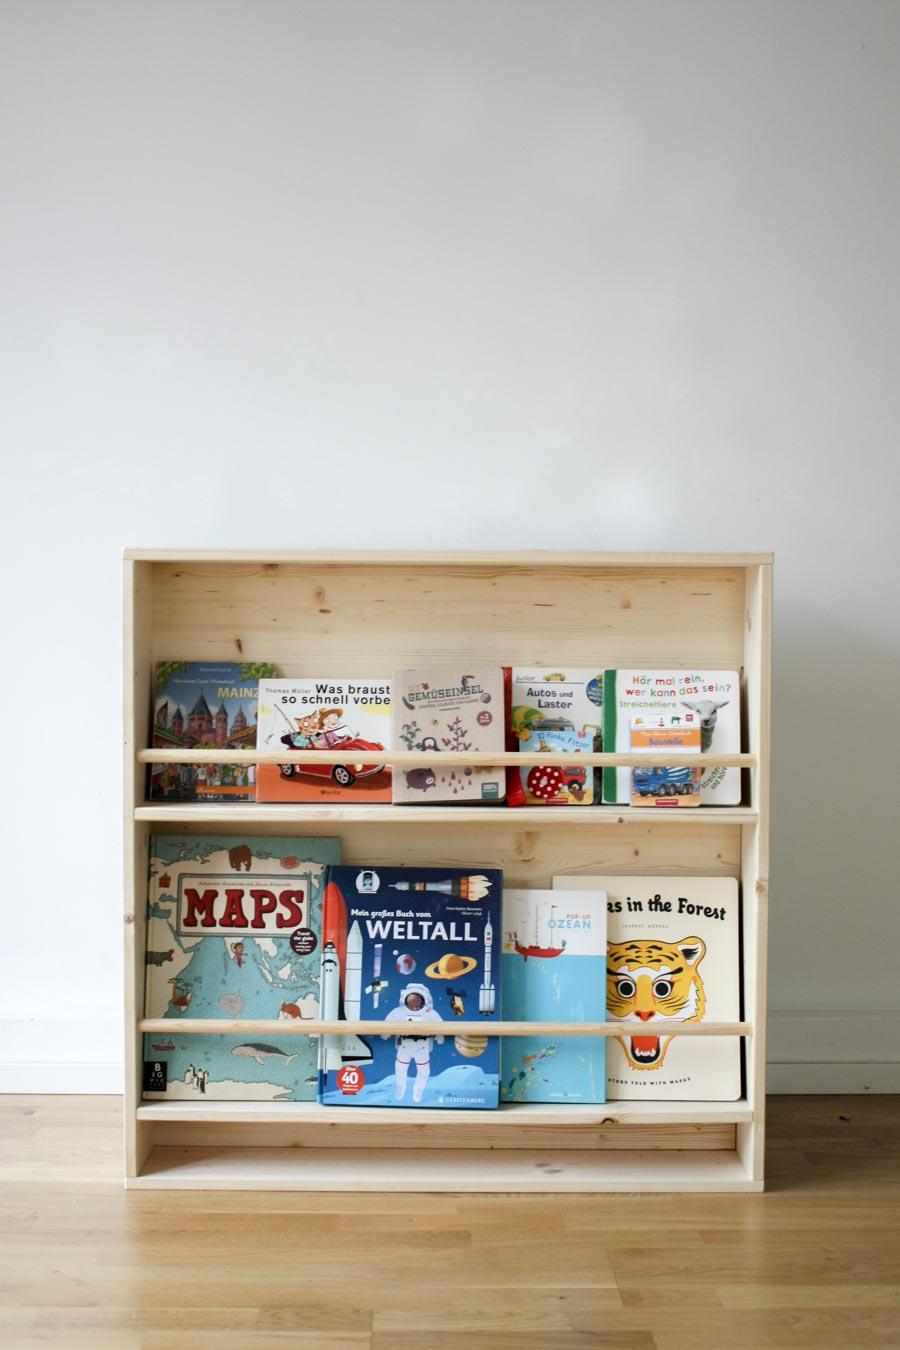 Full Size of Bücherregal Kinderzimmer Diy Montessori Mbel Selber Bauen Kleiderschrank Und Bcherregal Regal Sofa Regale Weiß Kinderzimmer Bücherregal Kinderzimmer